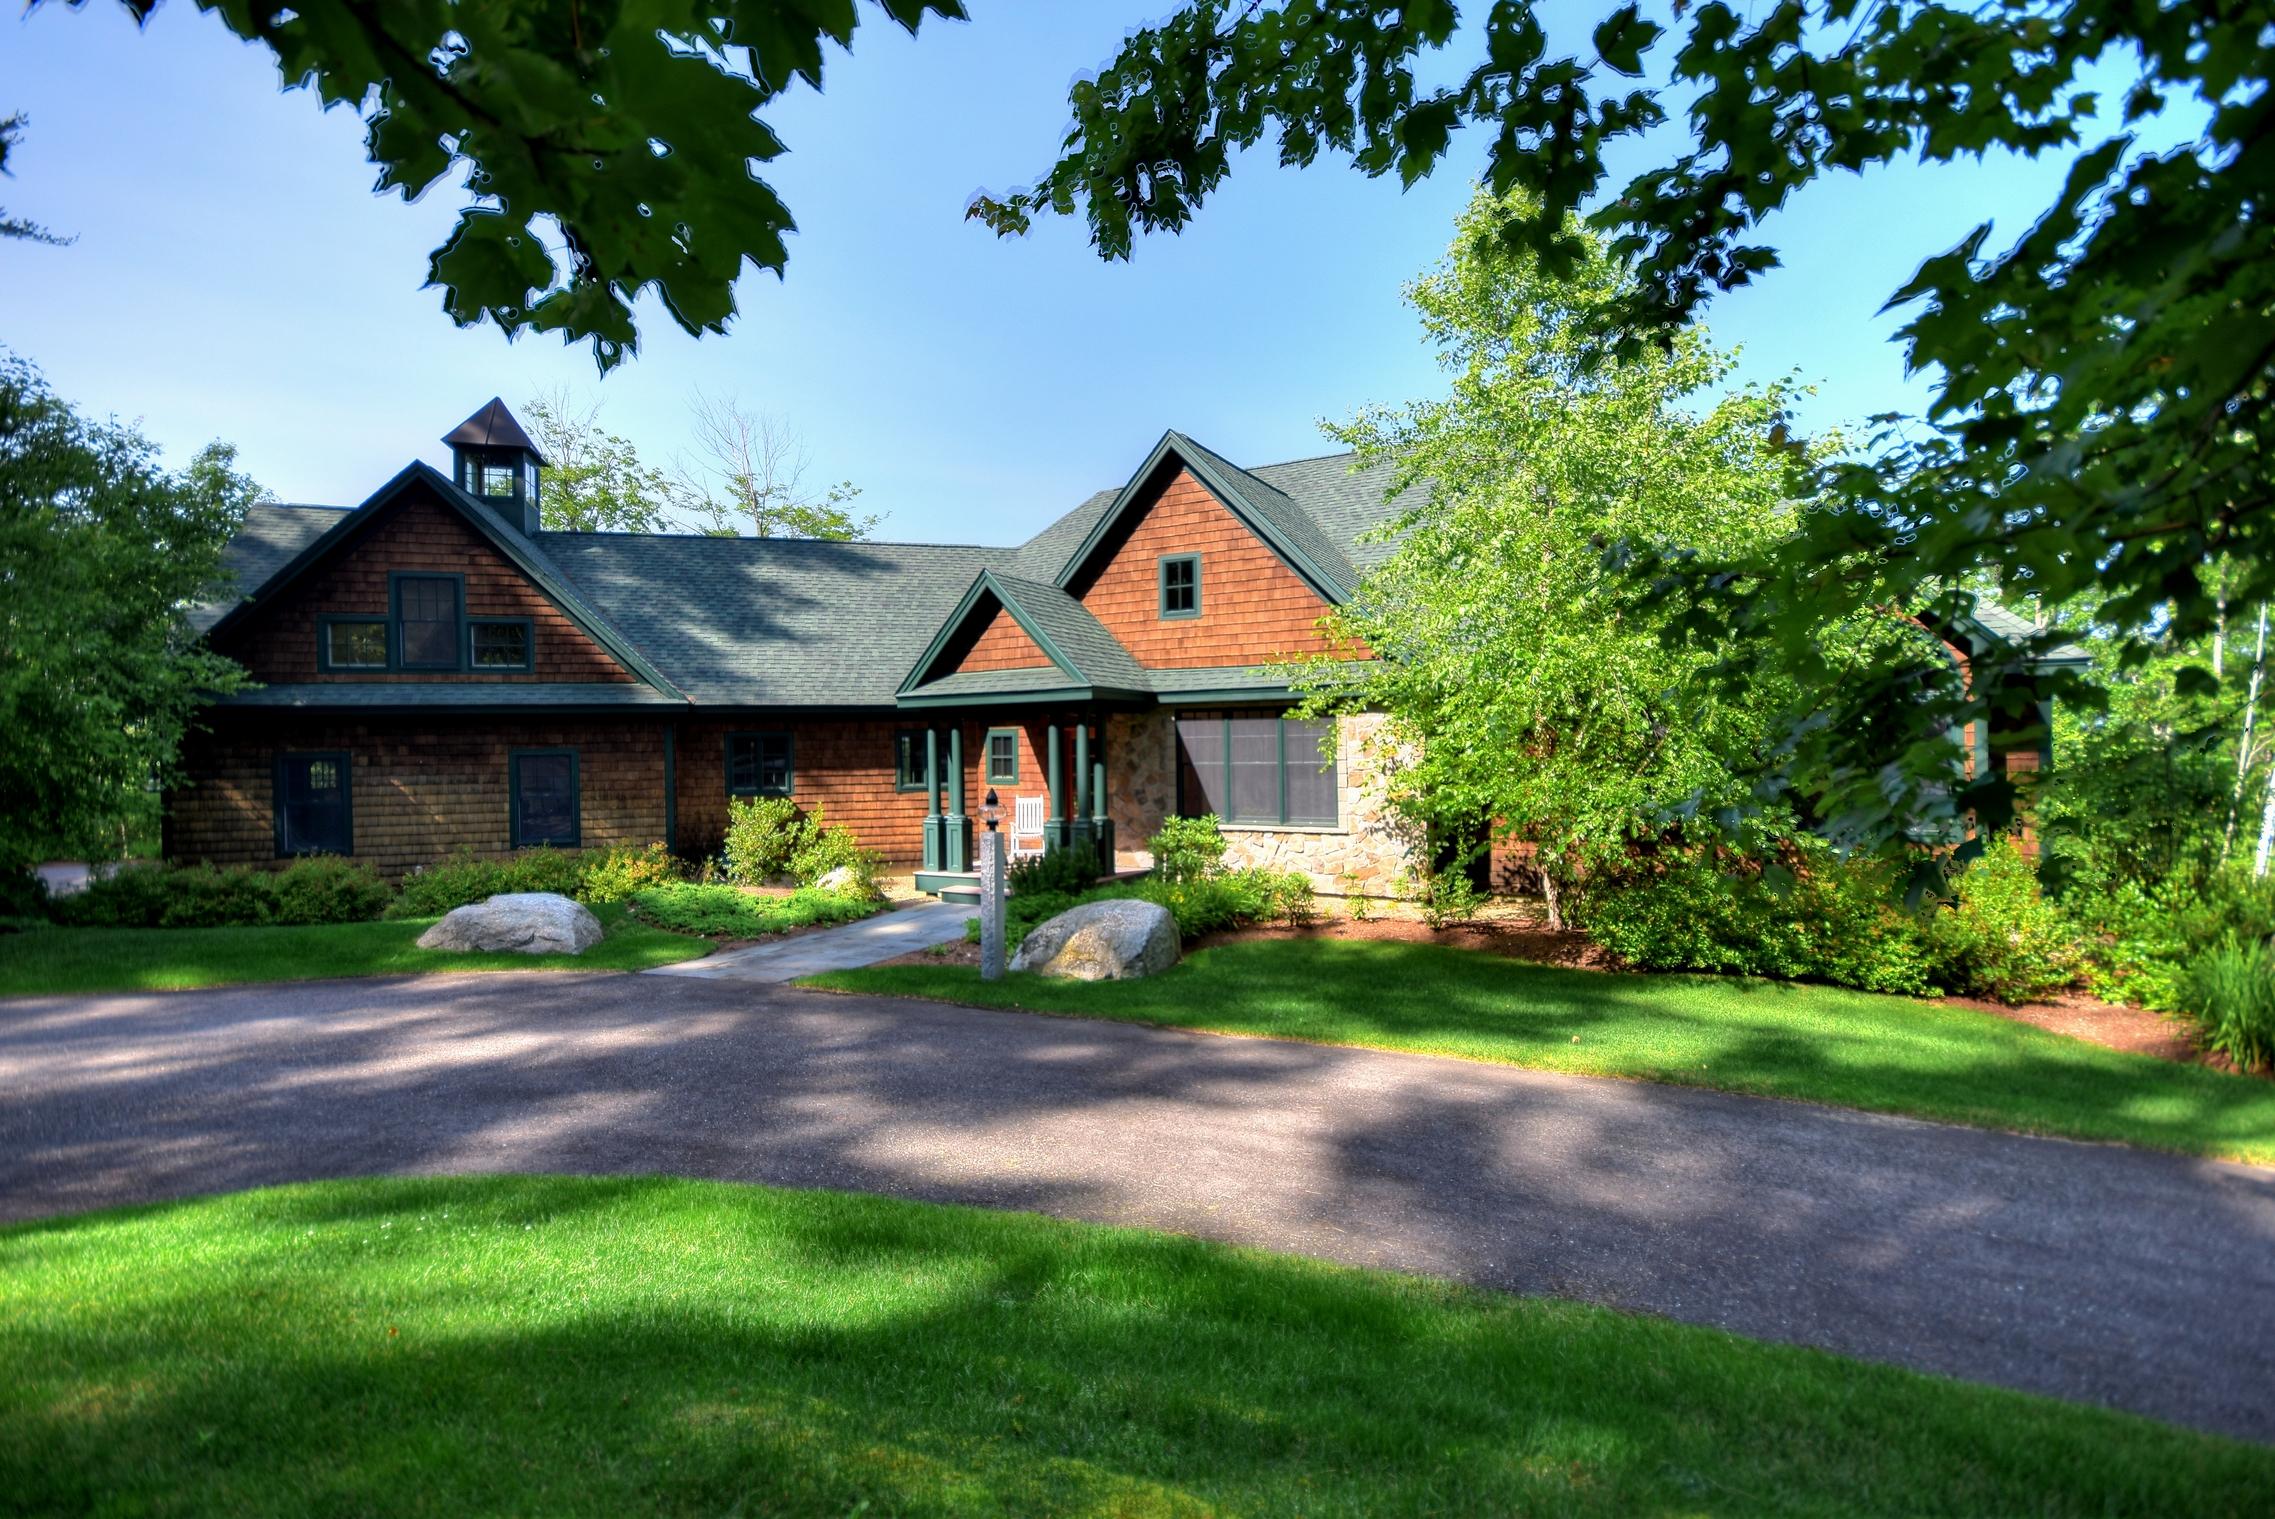 Частный односемейный дом для того Продажа на 290 Meredith Neck Road, Meredith 290 Meredith Neck Rd Meredith, Нью-Гэмпшир 03253 Соединенные Штаты